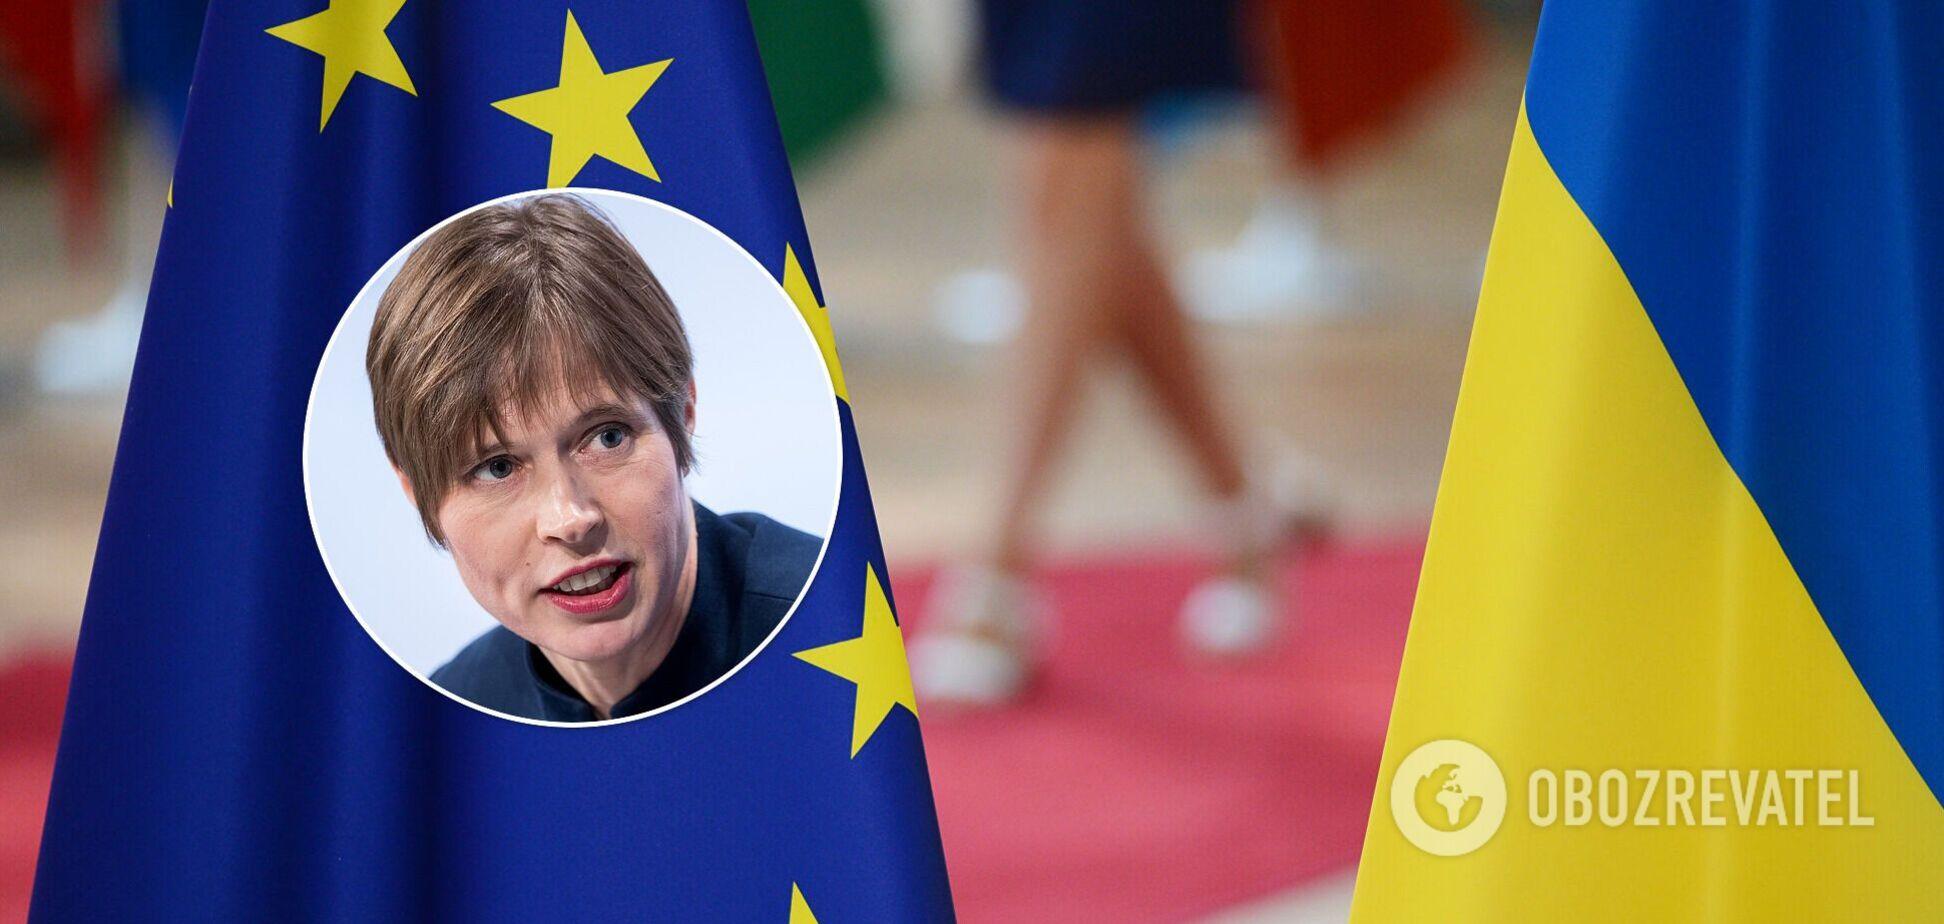 Президент Эстонии не советует инвестировать в Украину